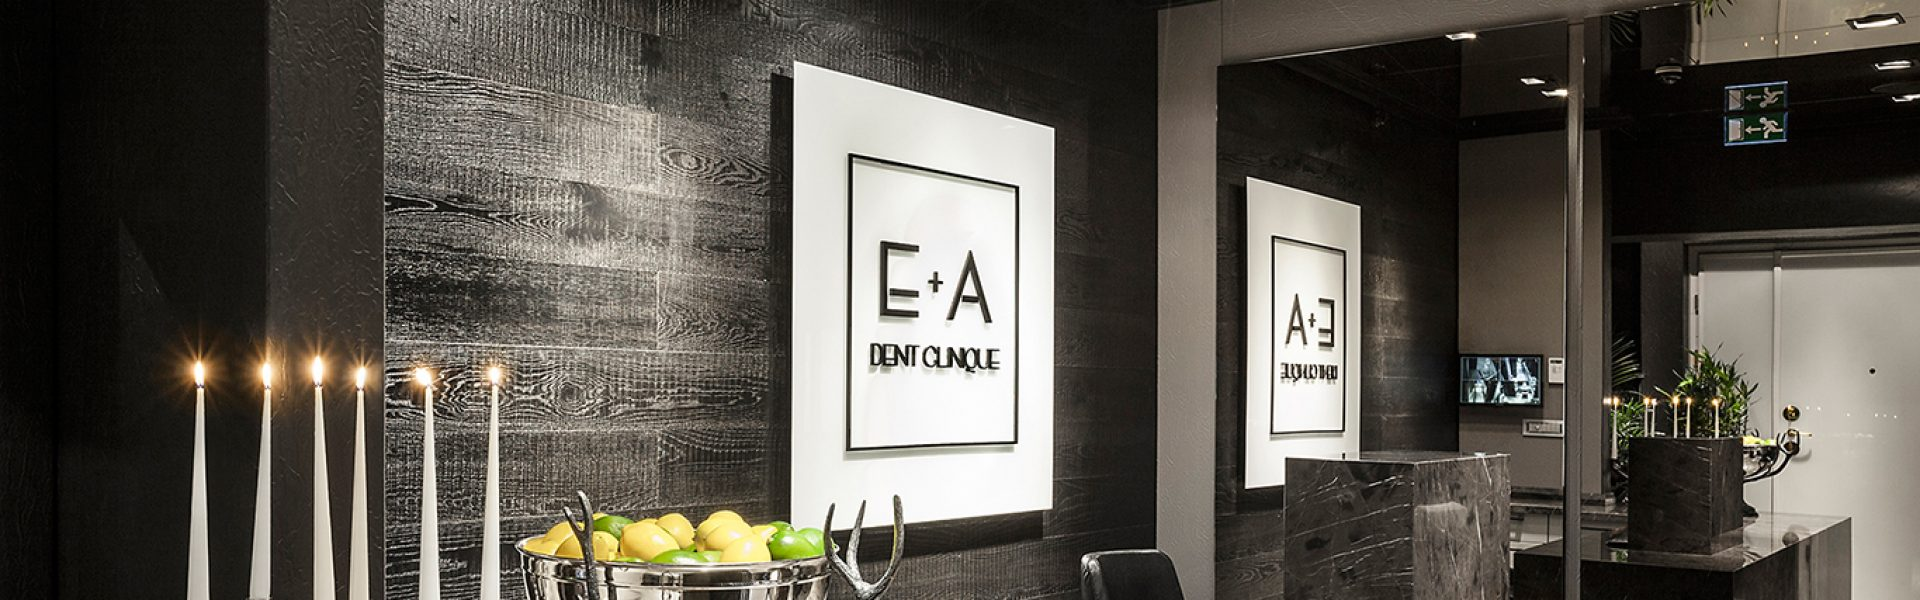 E+A Dent Clinique